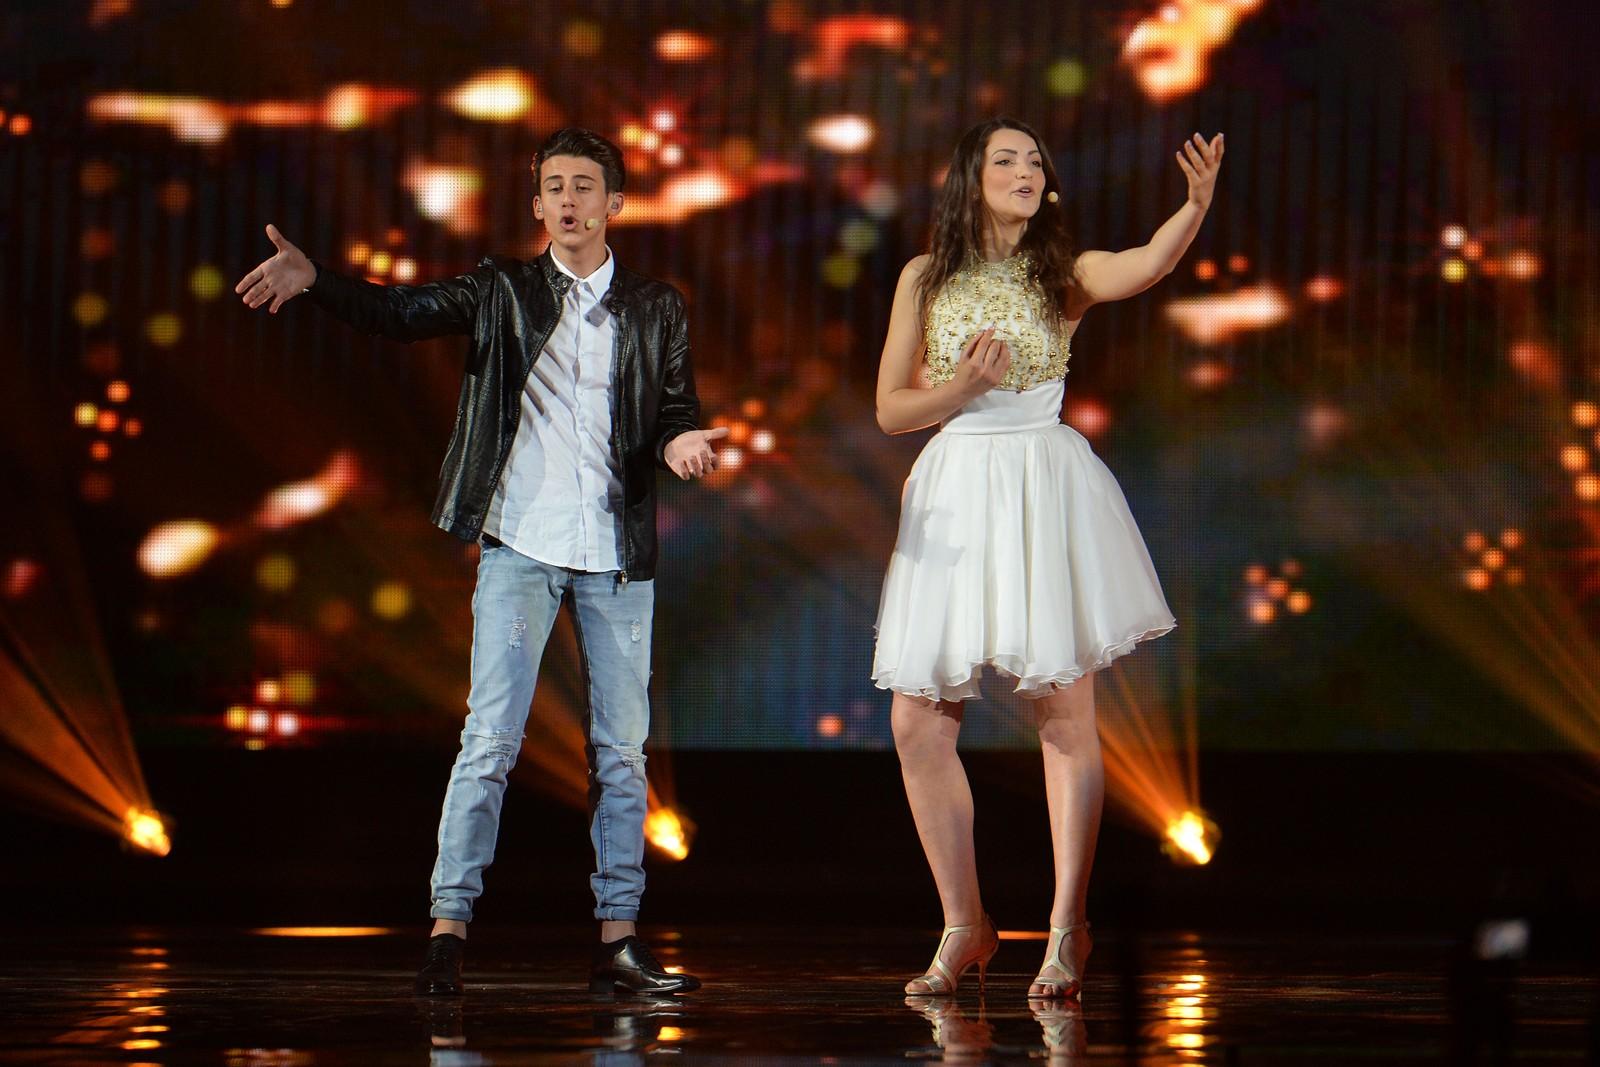 Anita Simoncini og Michele Perniola fra San Marino er tredje artist på scenen i kveld og skal synge «Chain Of Lights». Her fra onsdagens kostymeprøver.